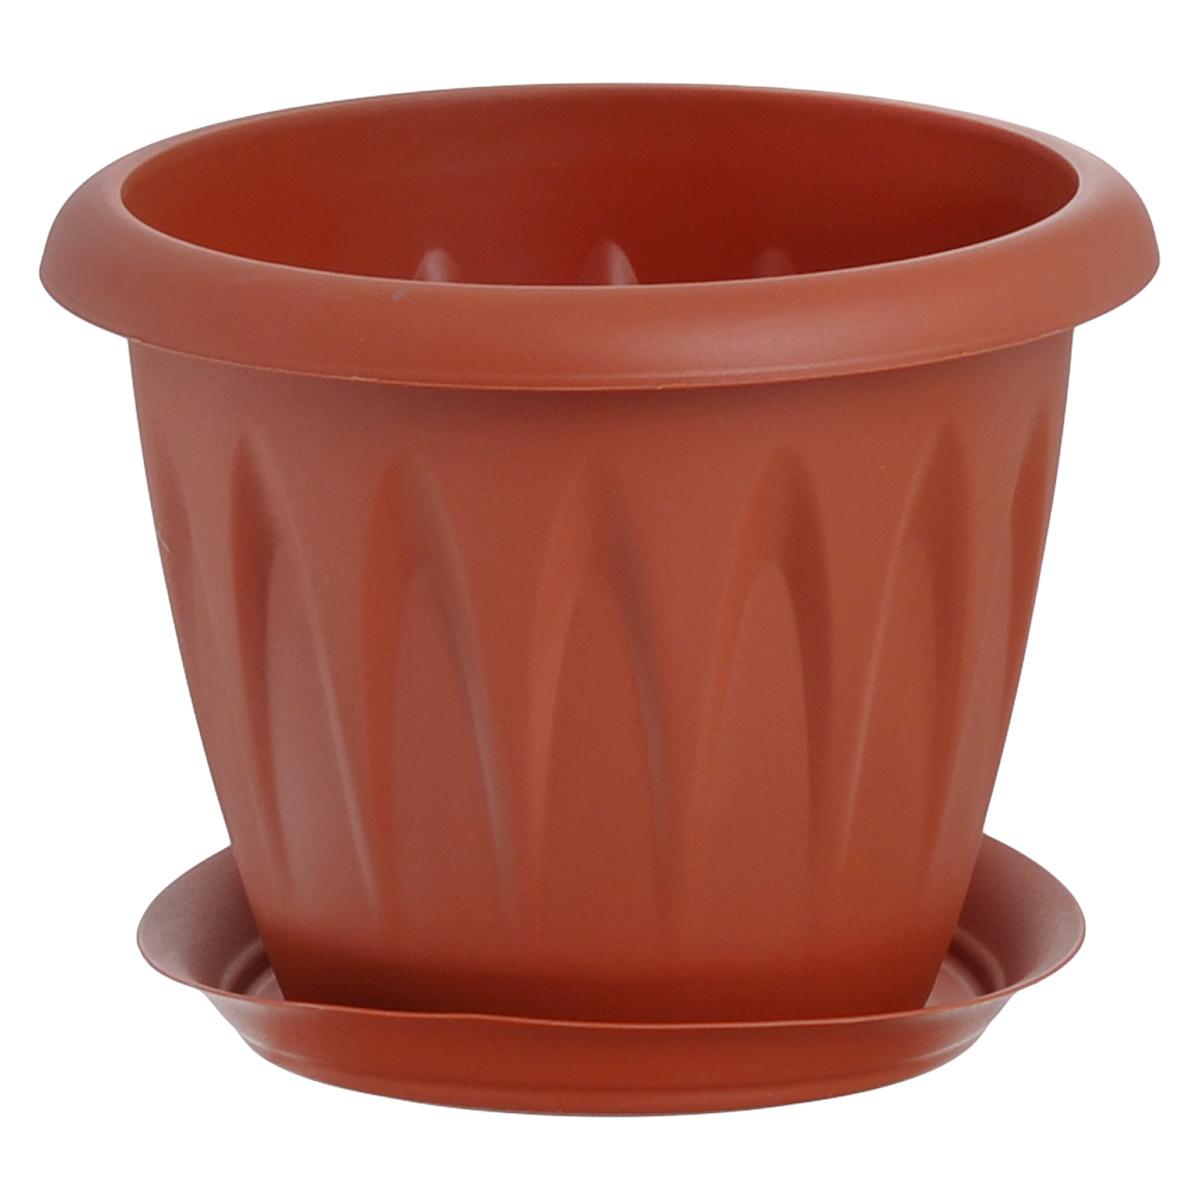 Кашпо Idea Алиция, с поддоном, 2 л4680005032037/205-1Кашпо Idea Алиция изготовлено из прочного полипропилена (пластика) и предназначено для выращивания растений, цветов и трав в домашних условиях. Круглый поддон обеспечивает сток воды. Такое кашпо порадует вас функциональностью, а благодаря лаконичному дизайну впишется в любой интерьер помещения. Диаметр кашпо по верхнему краю: 18 см. Высота кашпо: 14 см. Диаметр поддона: 13 см. Объем кашпо: 2 л.